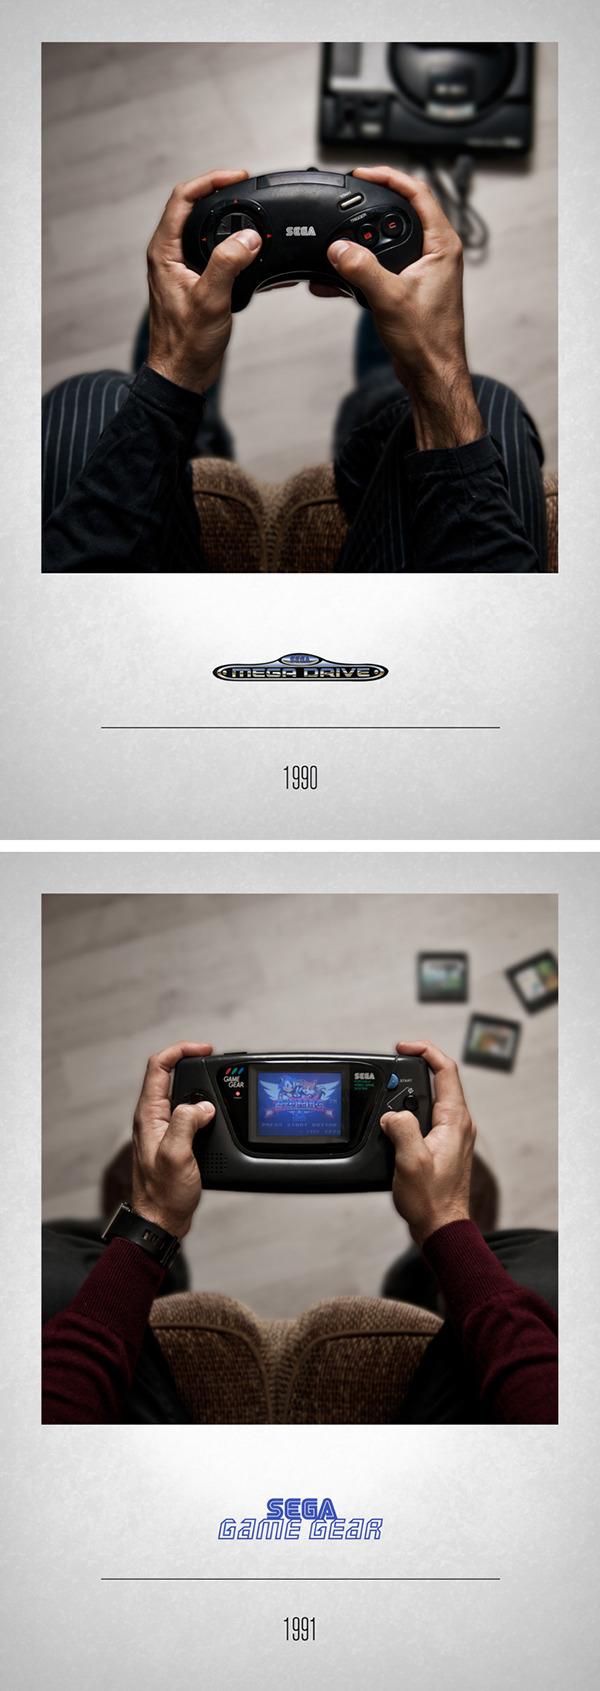 La evolución en la vida de un Gamer 500